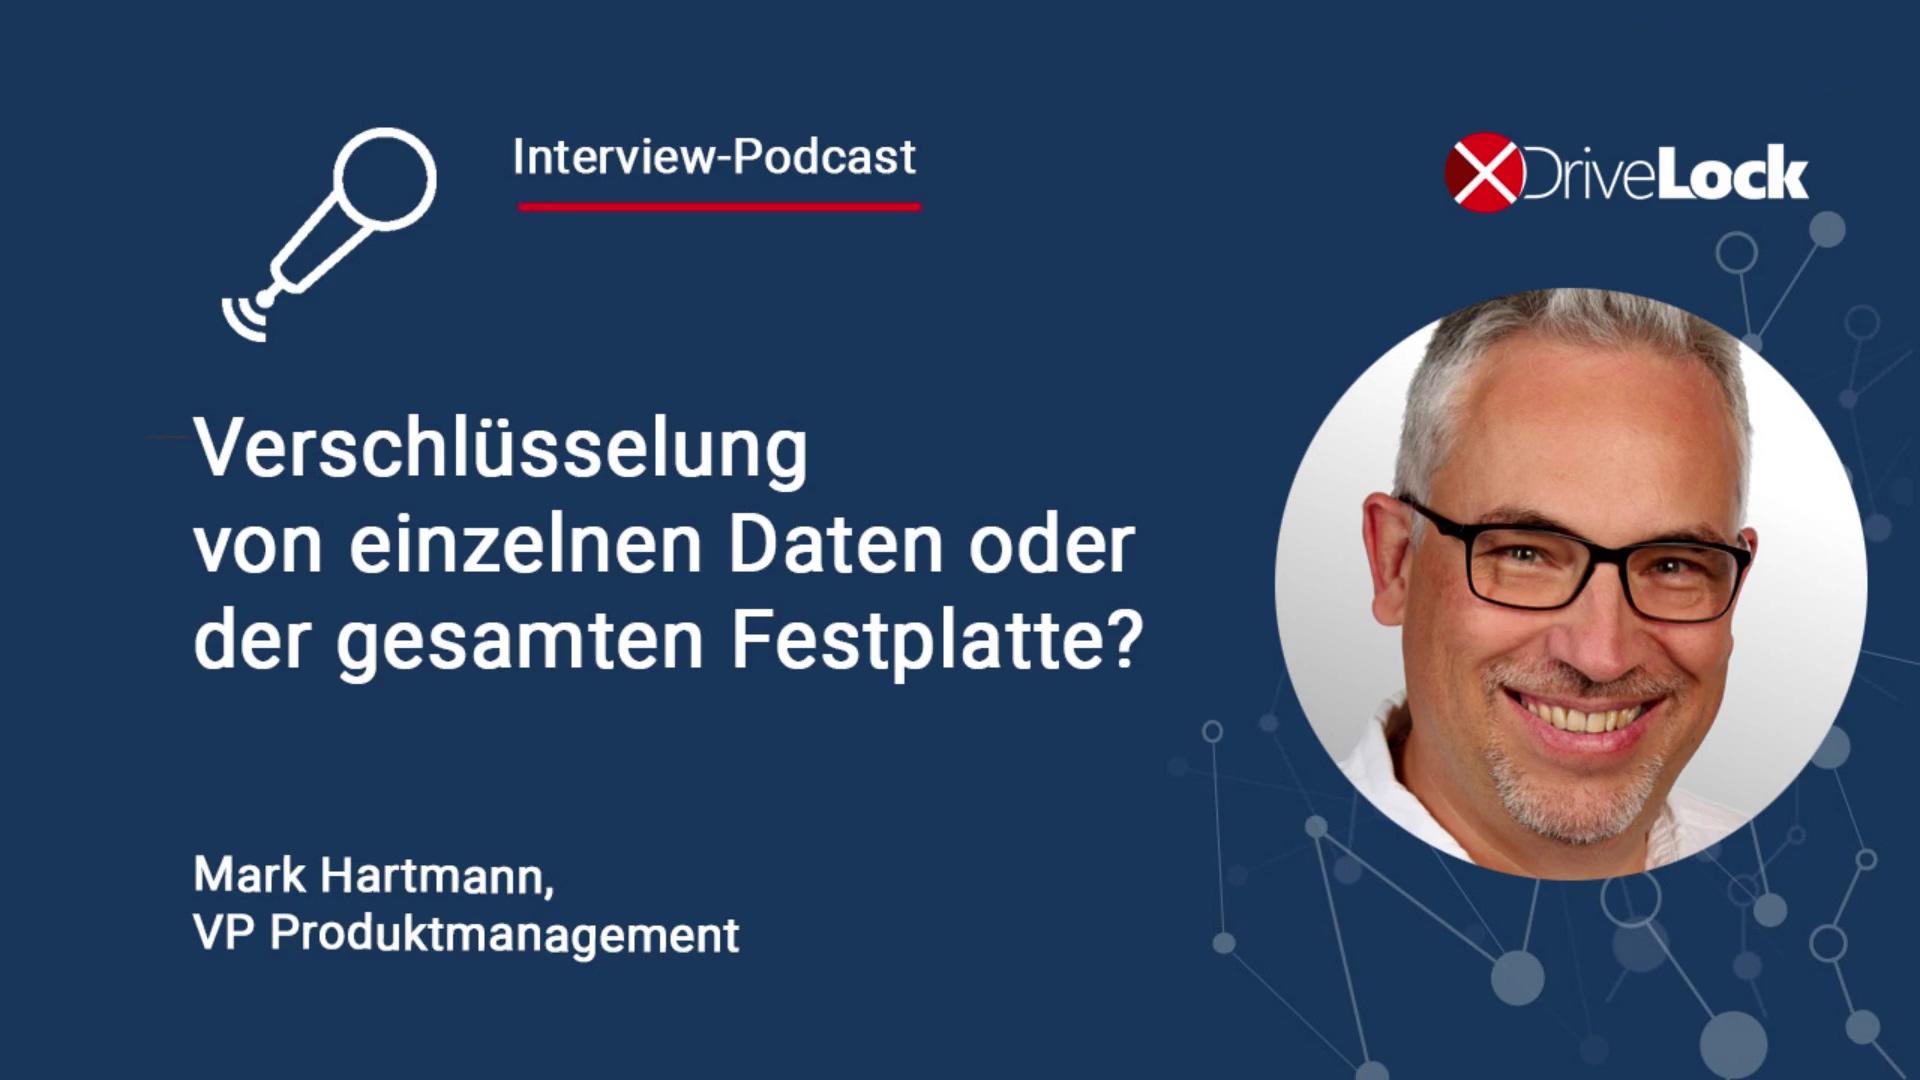 20200528-Verschluesselung-Dateien-vs-Festplatte-Podcast-Mark-Hartmann